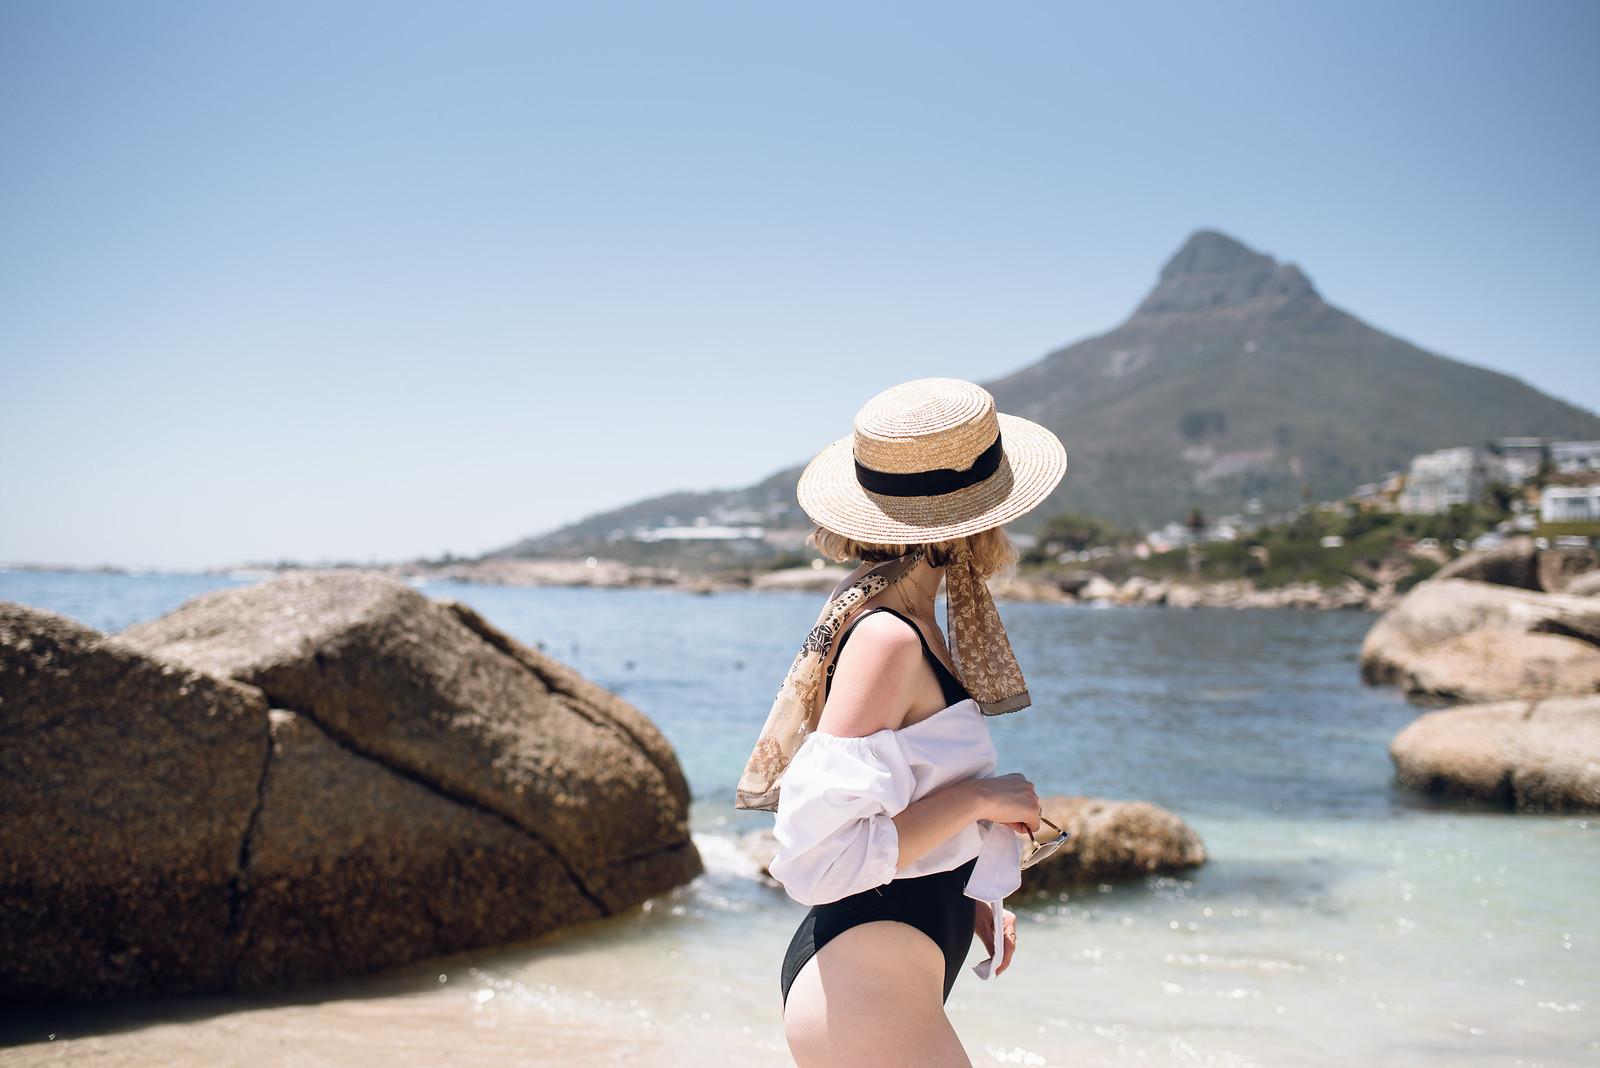 Cape Town Beach in Jaelle on juliettelaura.blogspot.com